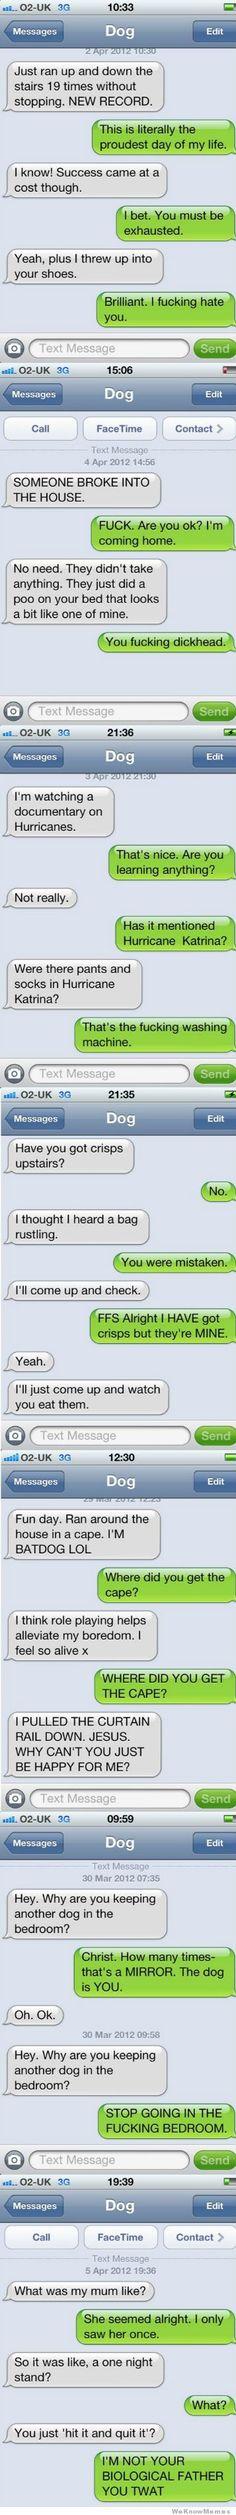 dog texts - hilarious!